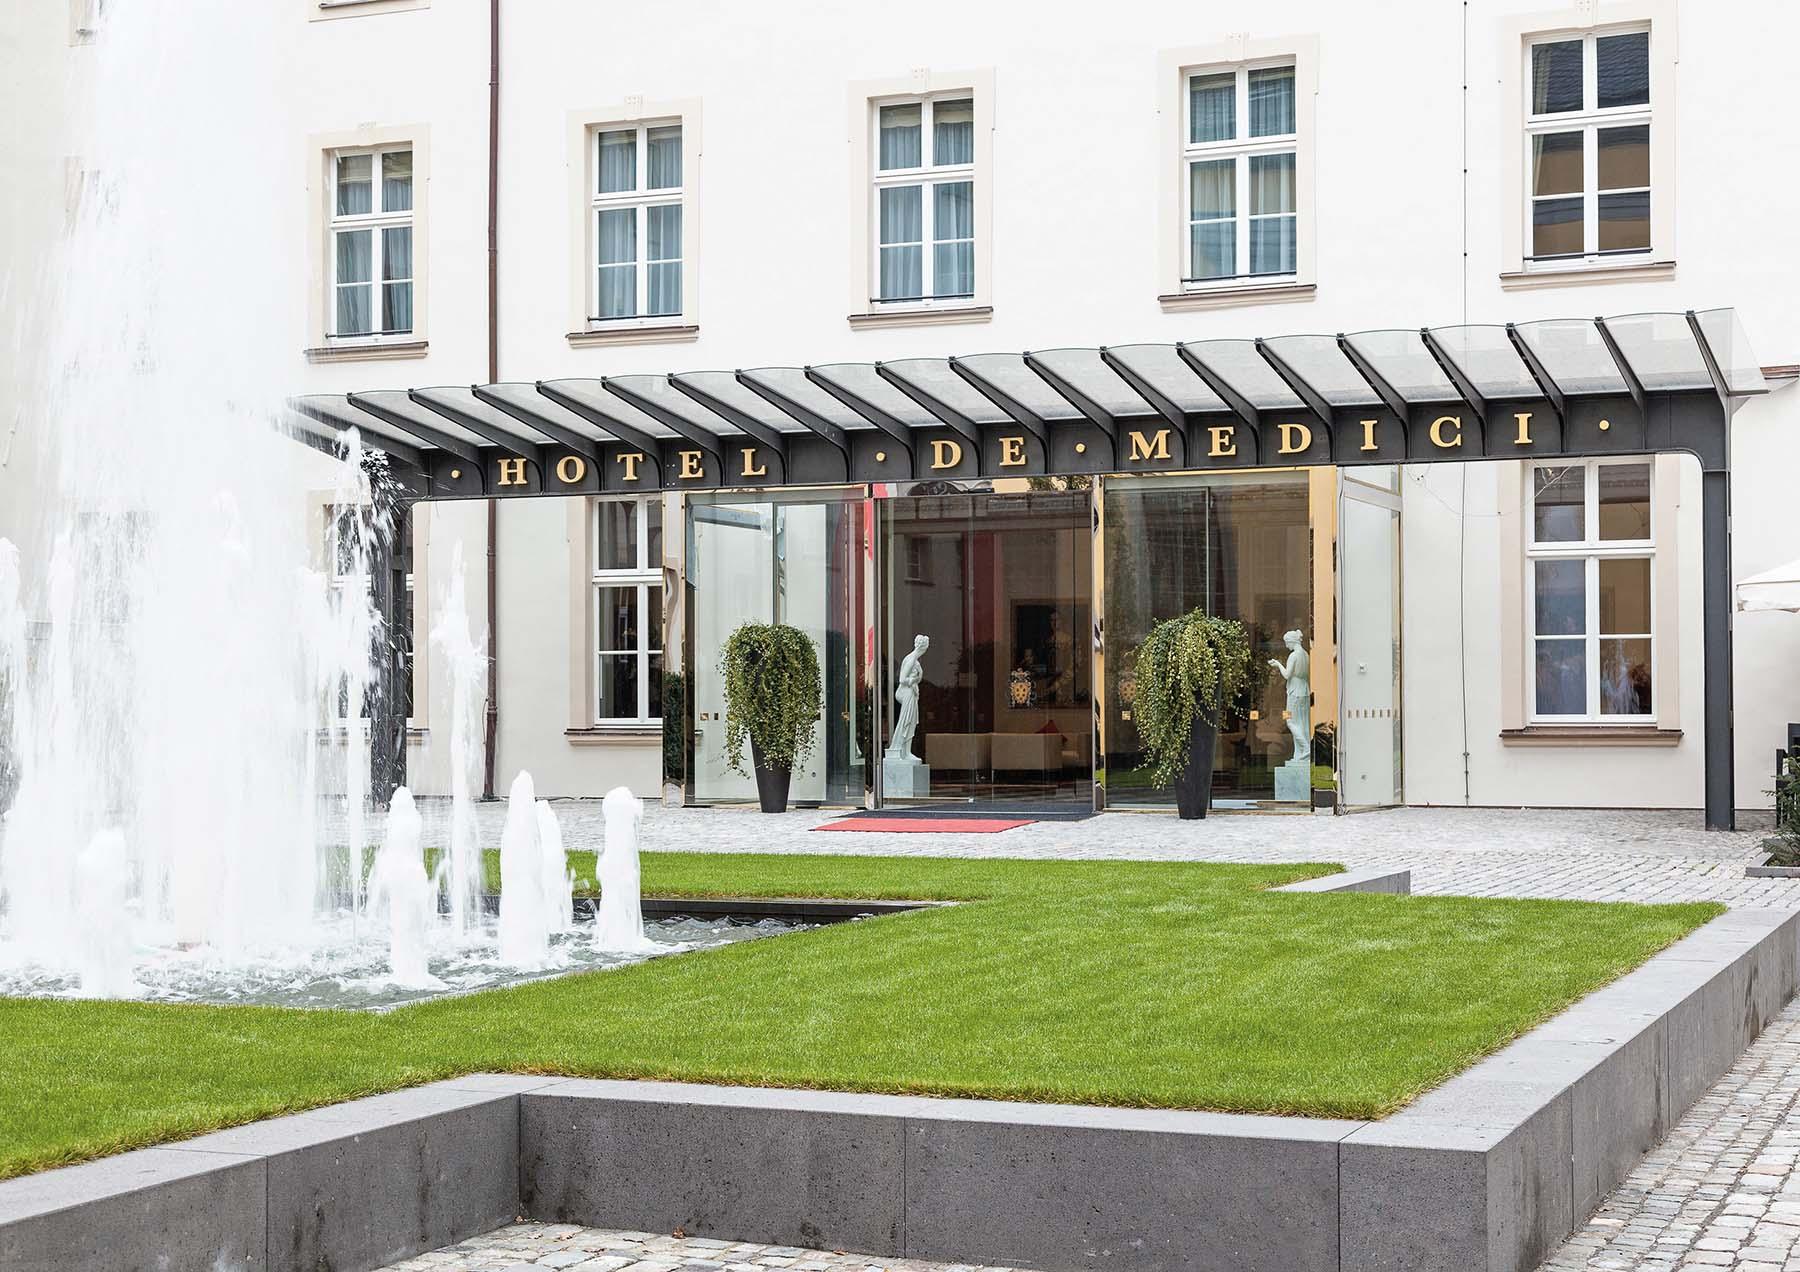 Derag Livinghotel De Medici.  Eine Hommage an die großen Kunstschätze Europas